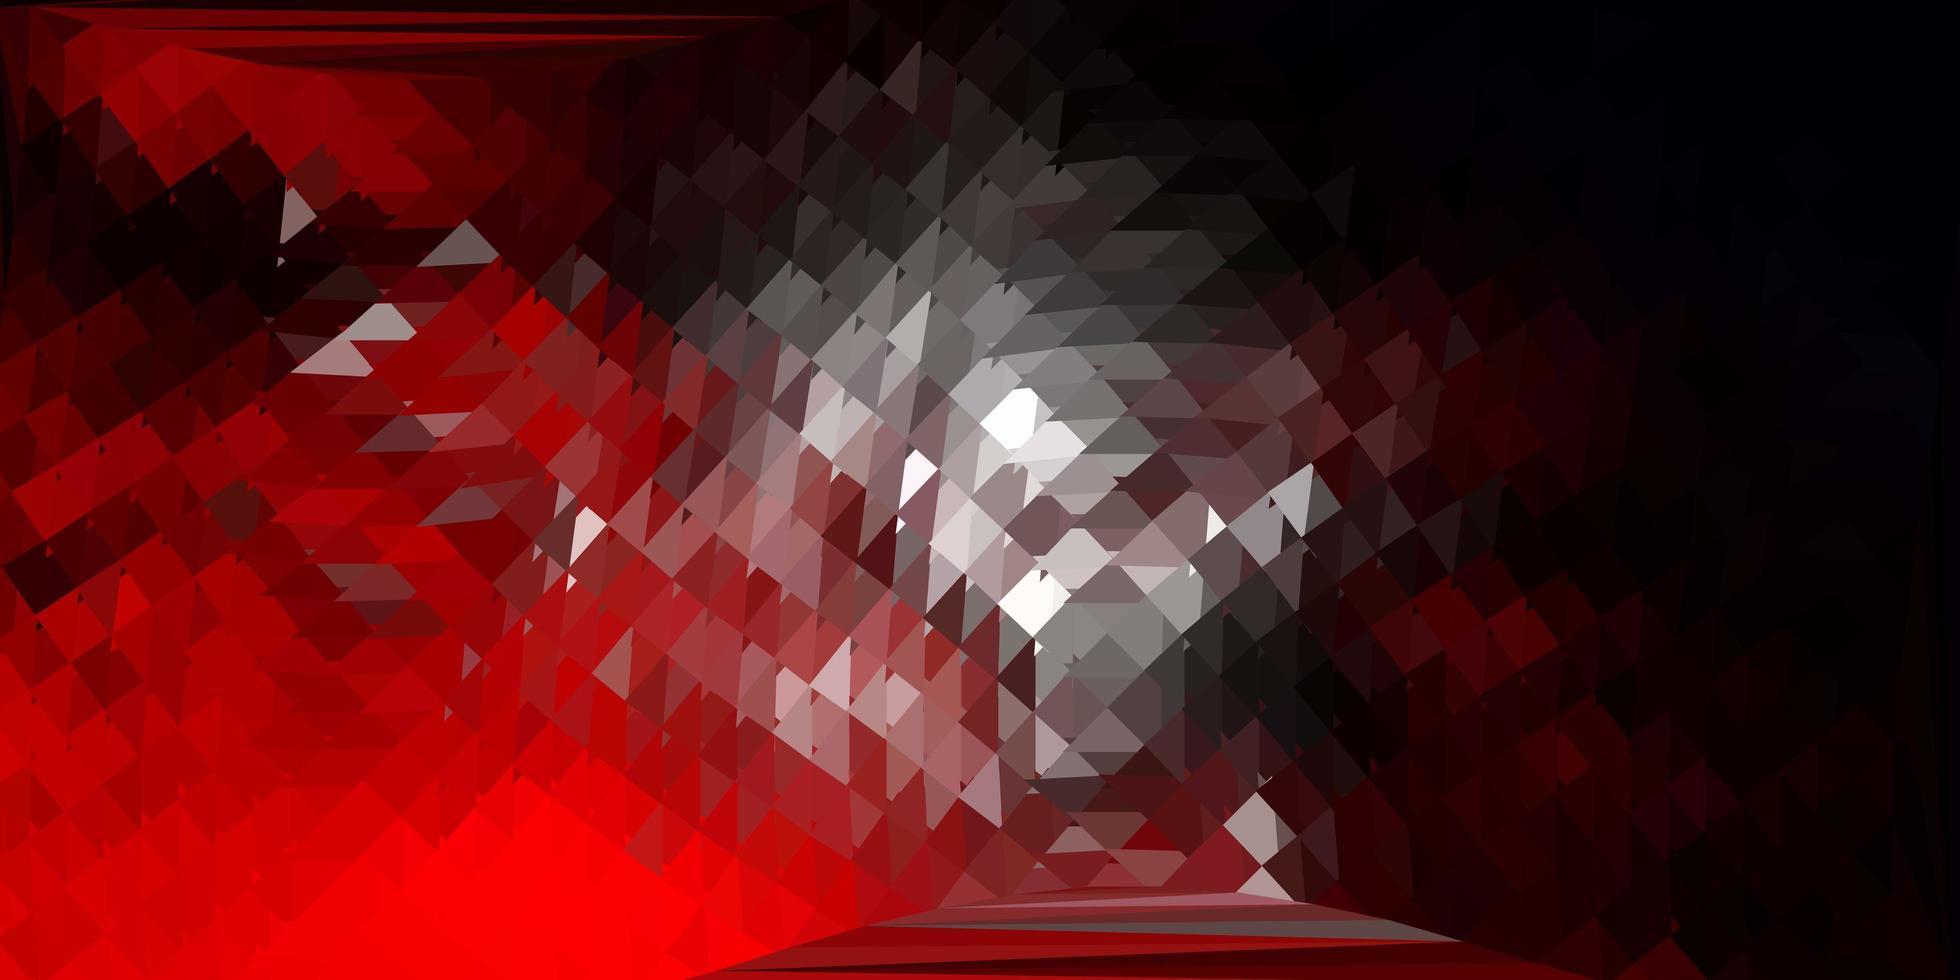 motif de mosaïque triangle vecteur rouge foncé.